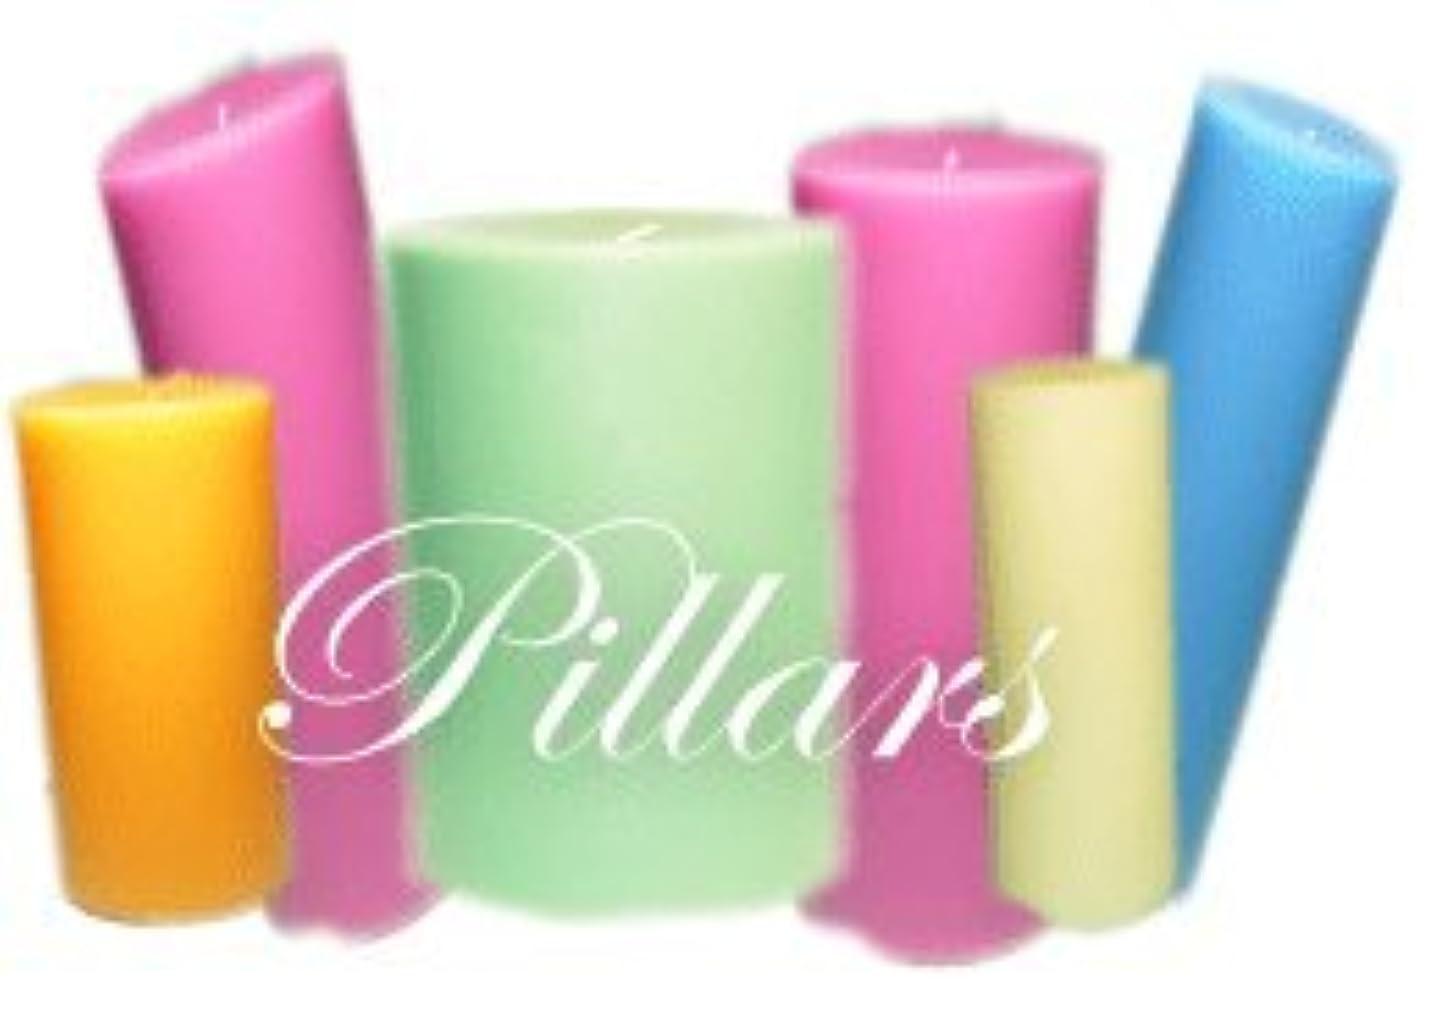 Trinity Candle工場 – スイカズラ – Pillar Candle – 3 x 3